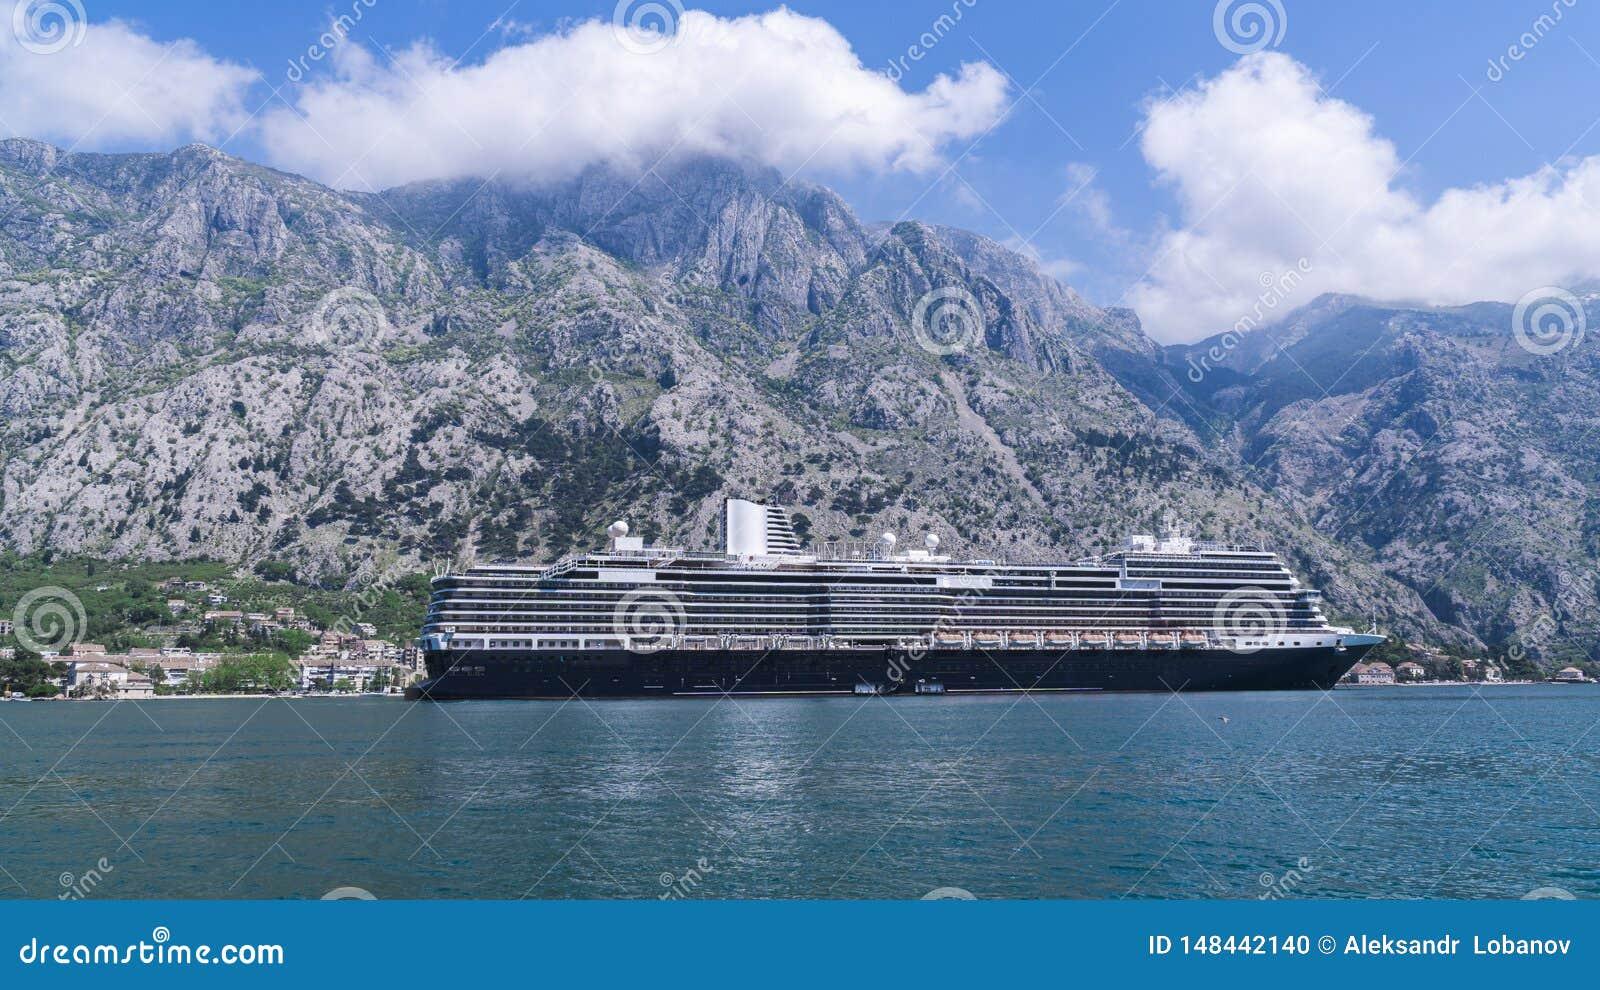 Cruise liner in the adriatic ocean against